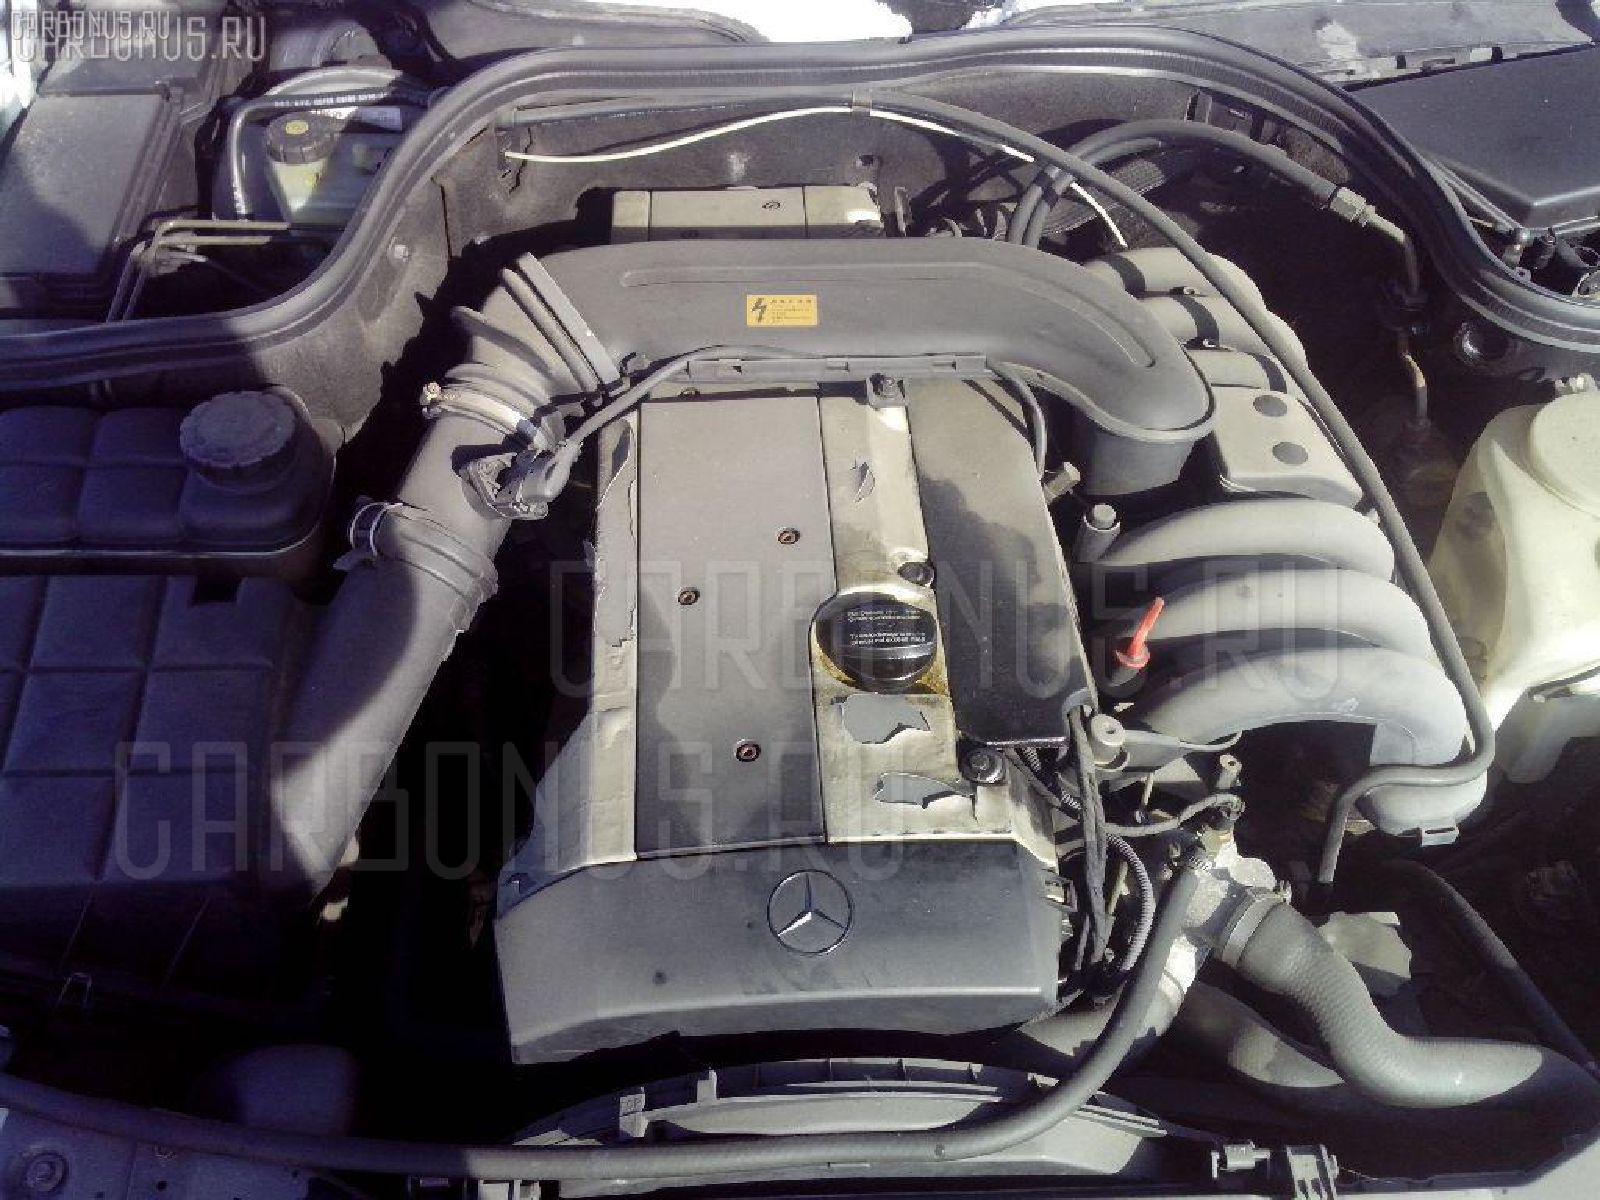 Тросик на коробку передач MERCEDES-BENZ C-CLASS W202.028 104.941 Фото 5